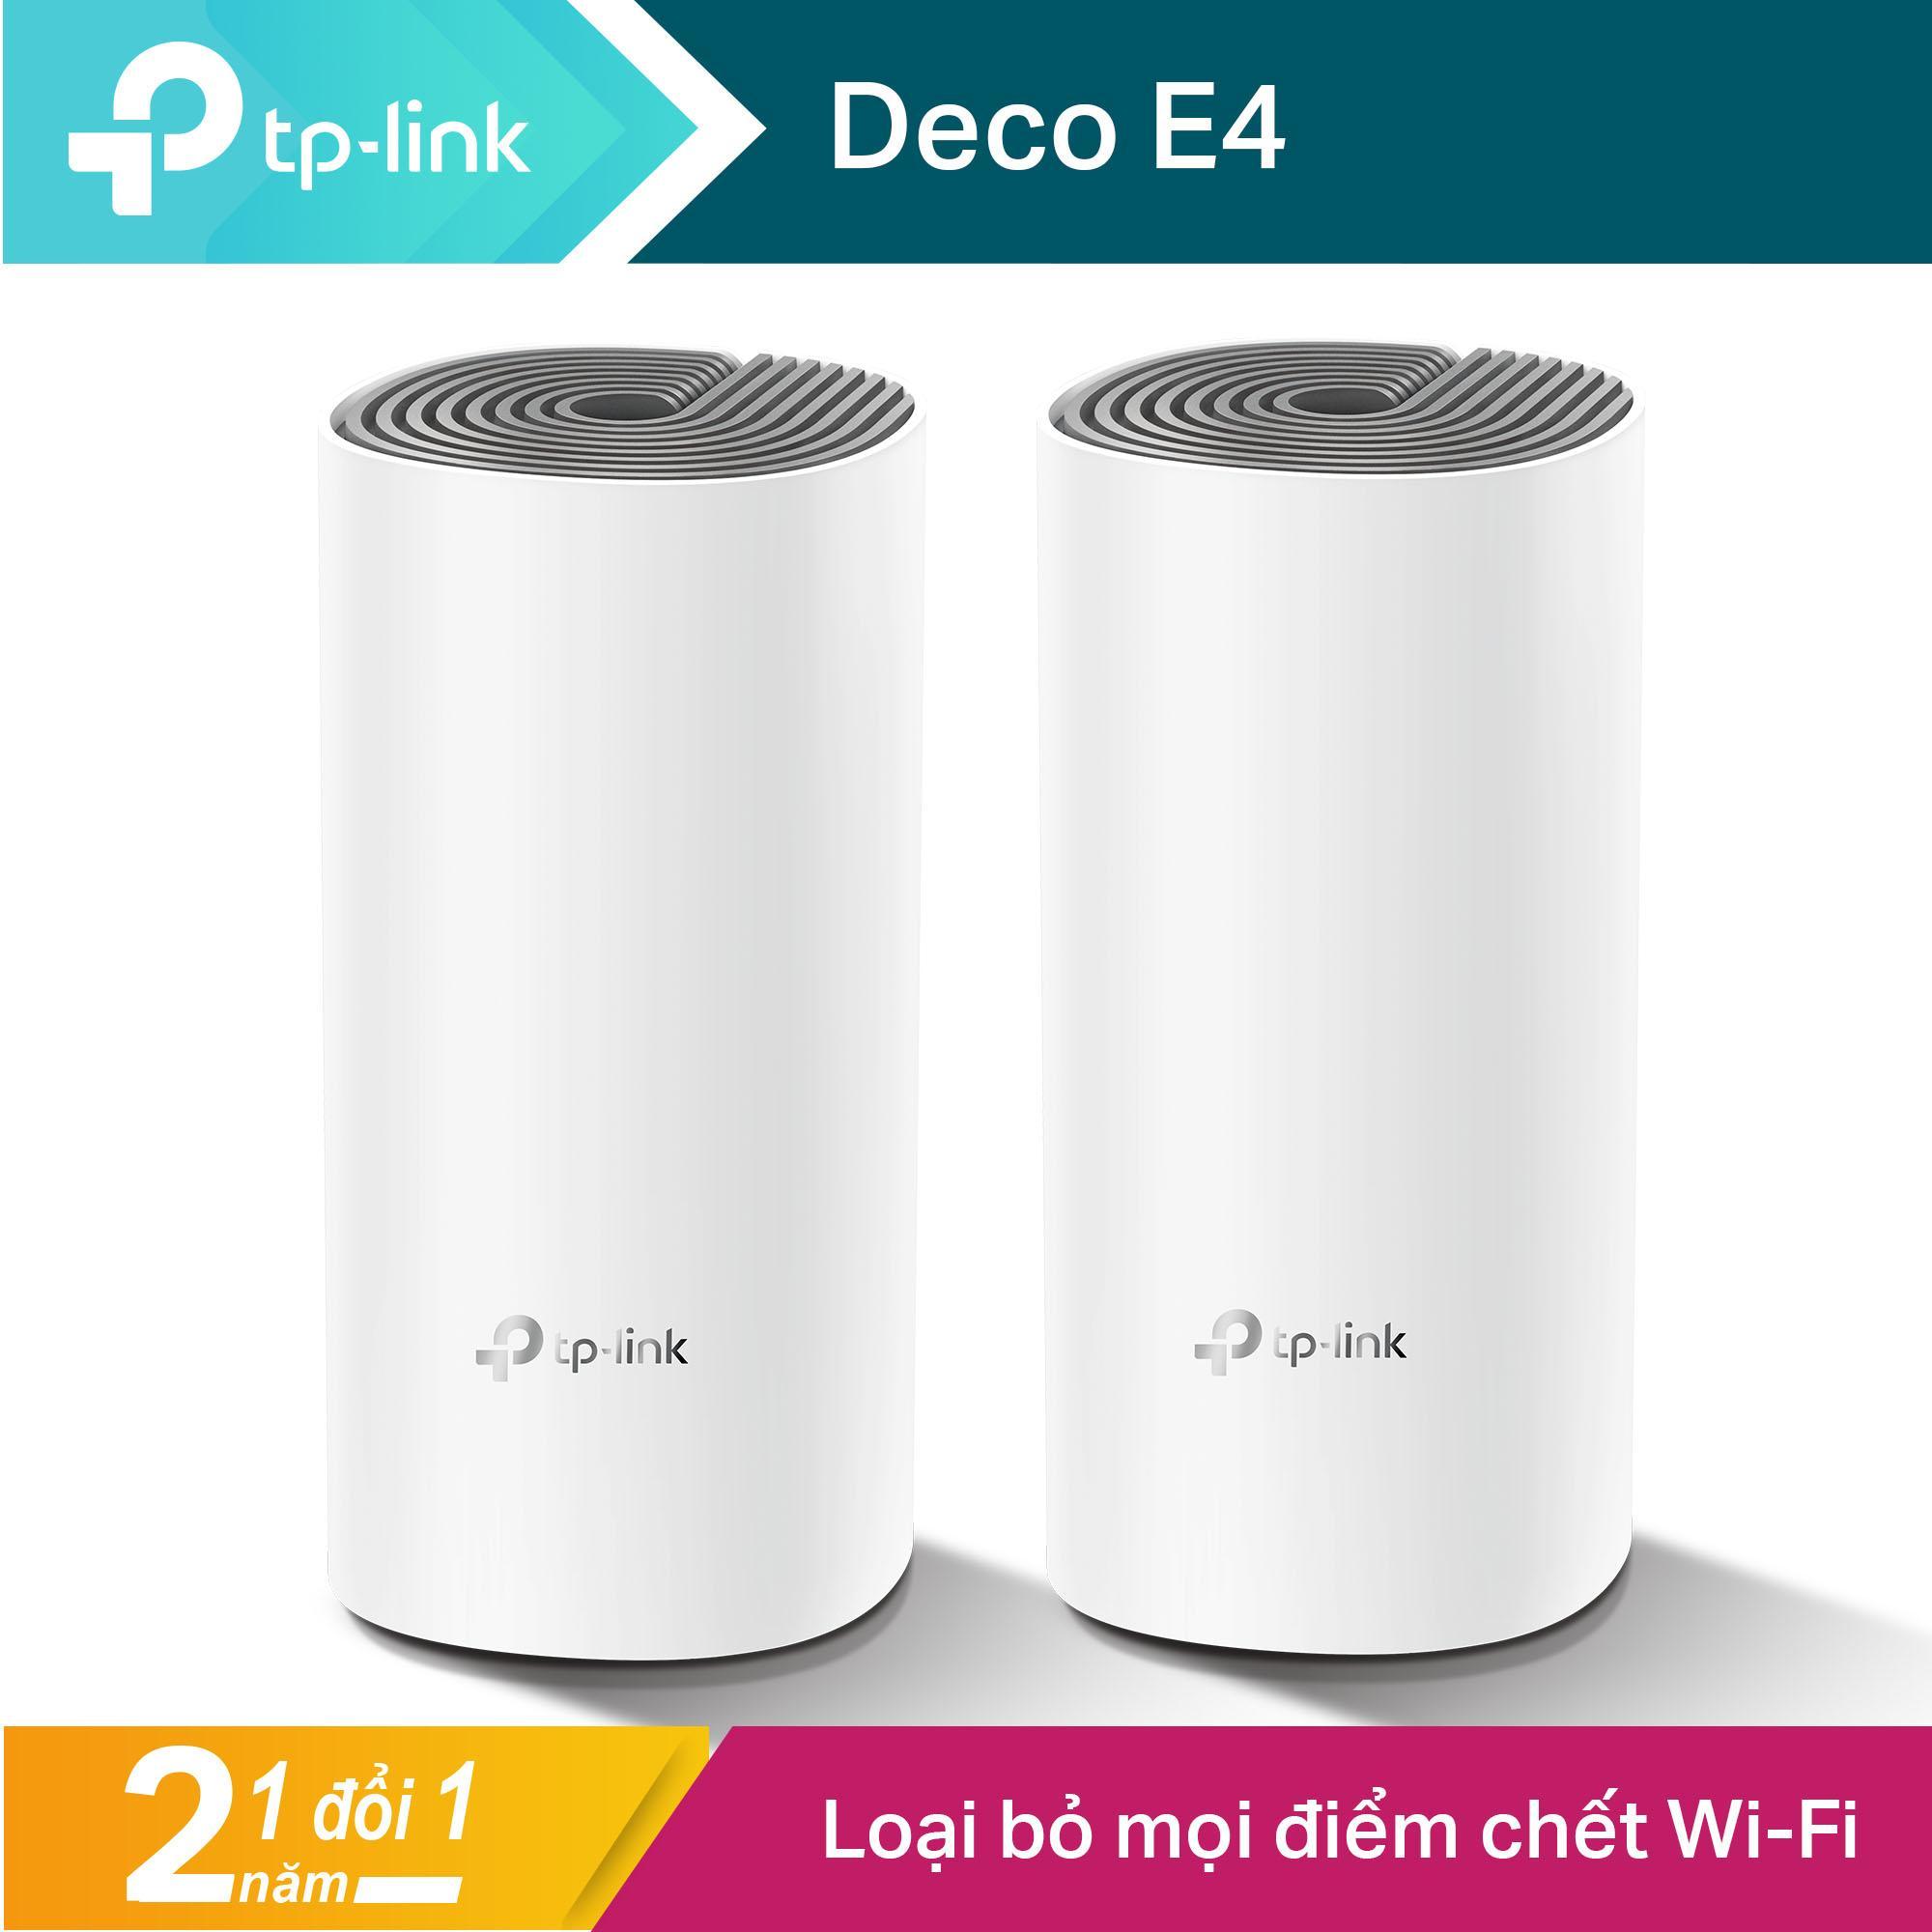 TP-Link Hệ thống WiFi Mesh Cho Gia Đình AC1200 cho độ phủ Wi-Fi tuyệt vời - Deco E4 - Hãng phân phối chính thức